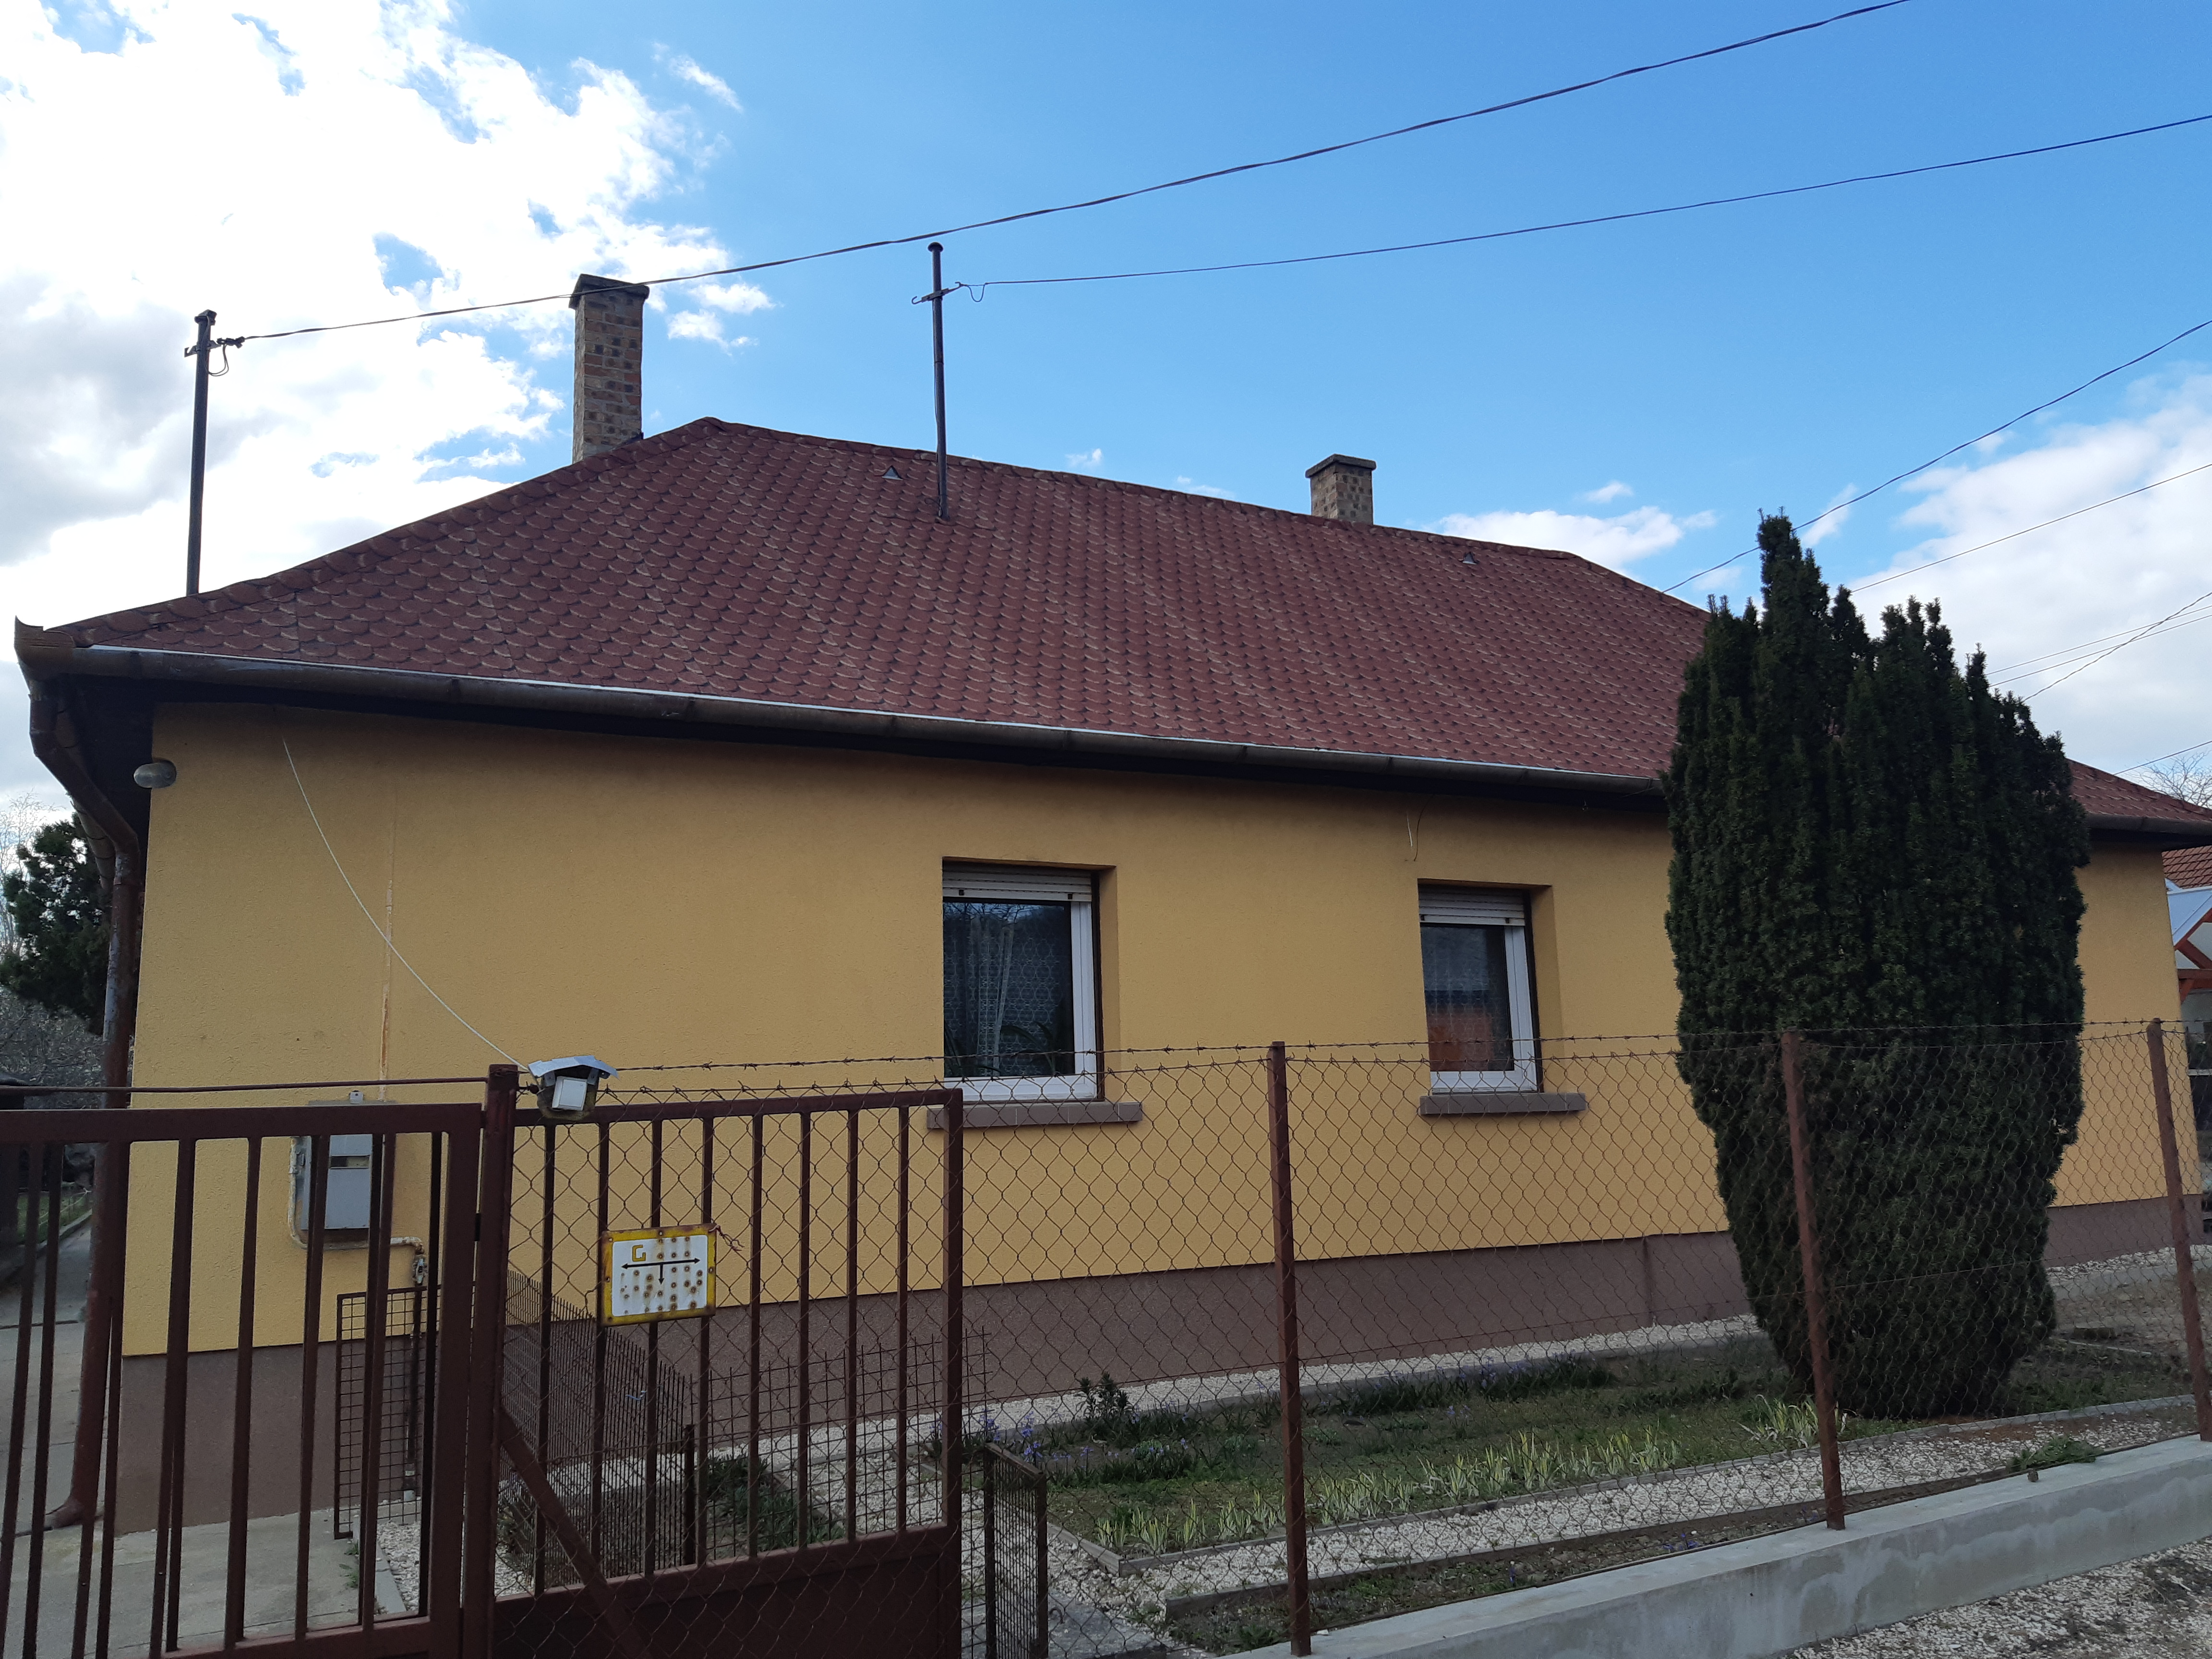 Palatető felújítás Jobaháza, palatető szigetelés JobaházaTeljes tető felújítása